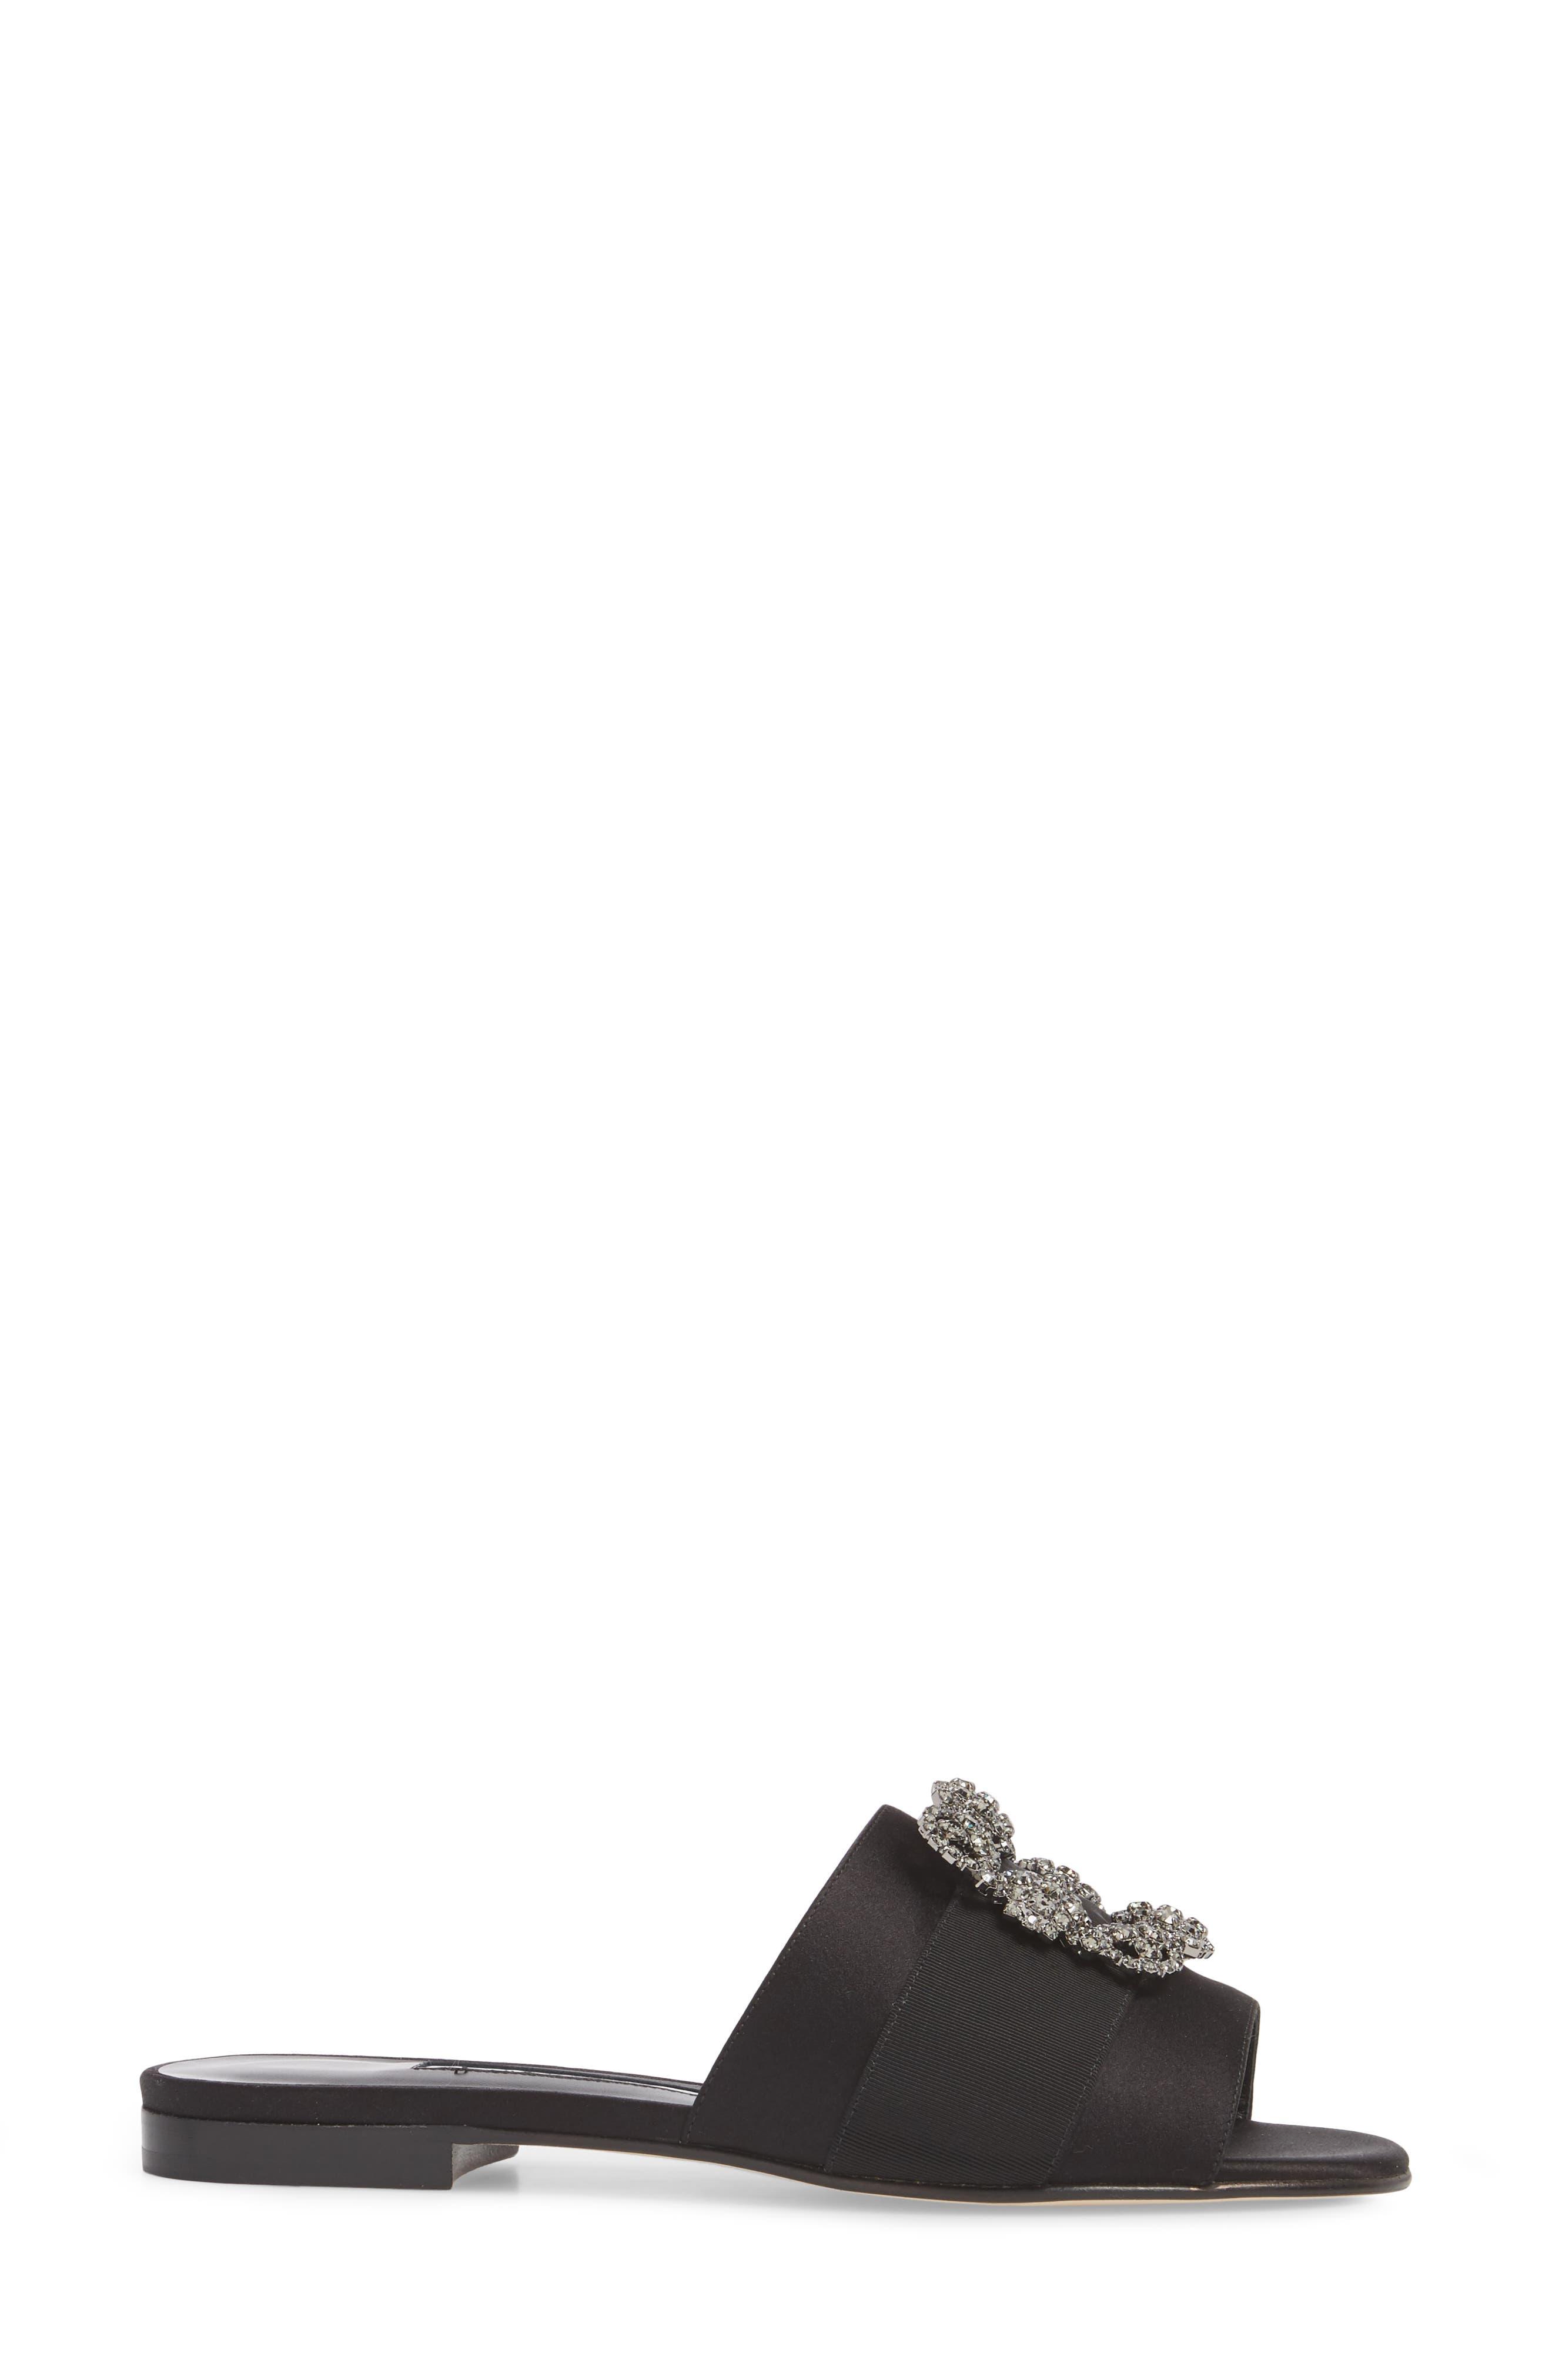 Martamod Crystal Embellished Slide Sandal,                             Alternate thumbnail 3, color,                             Black Satin